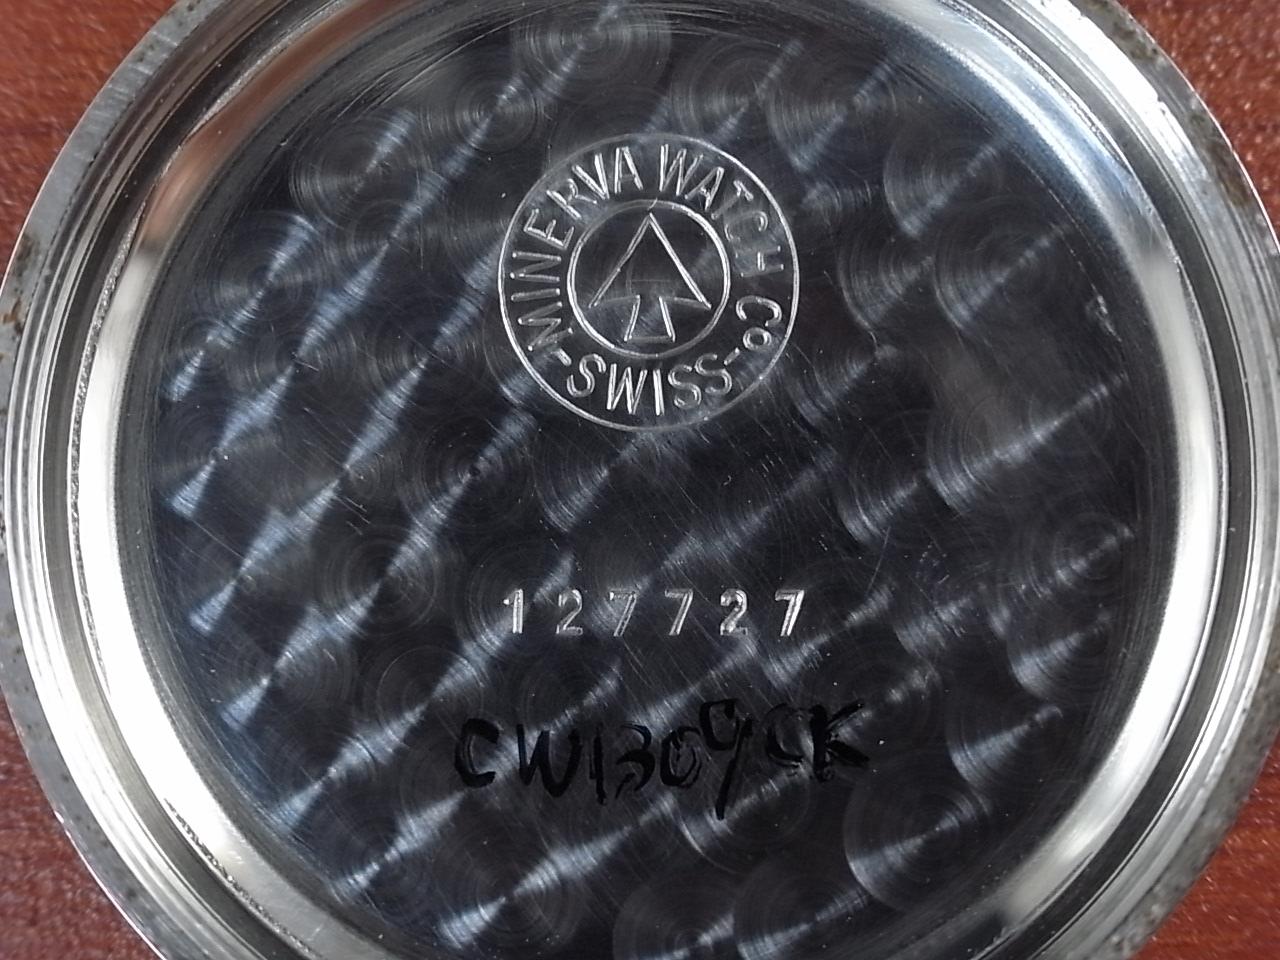 ミネルバ クロノグラフ Cal.20CH デシマルスケール 1950年代の写真6枚目